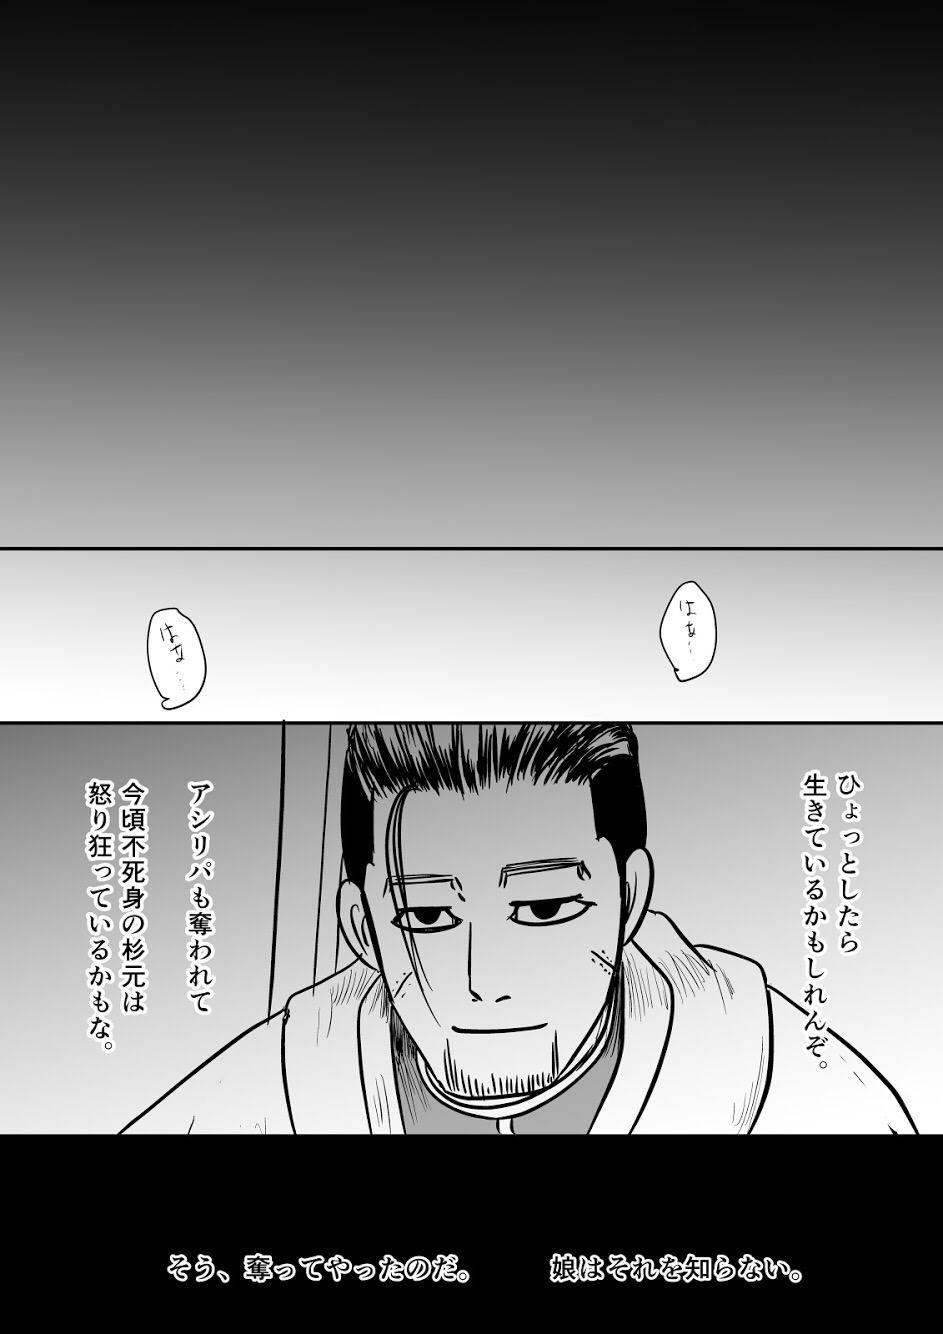 Toko no Koto 16